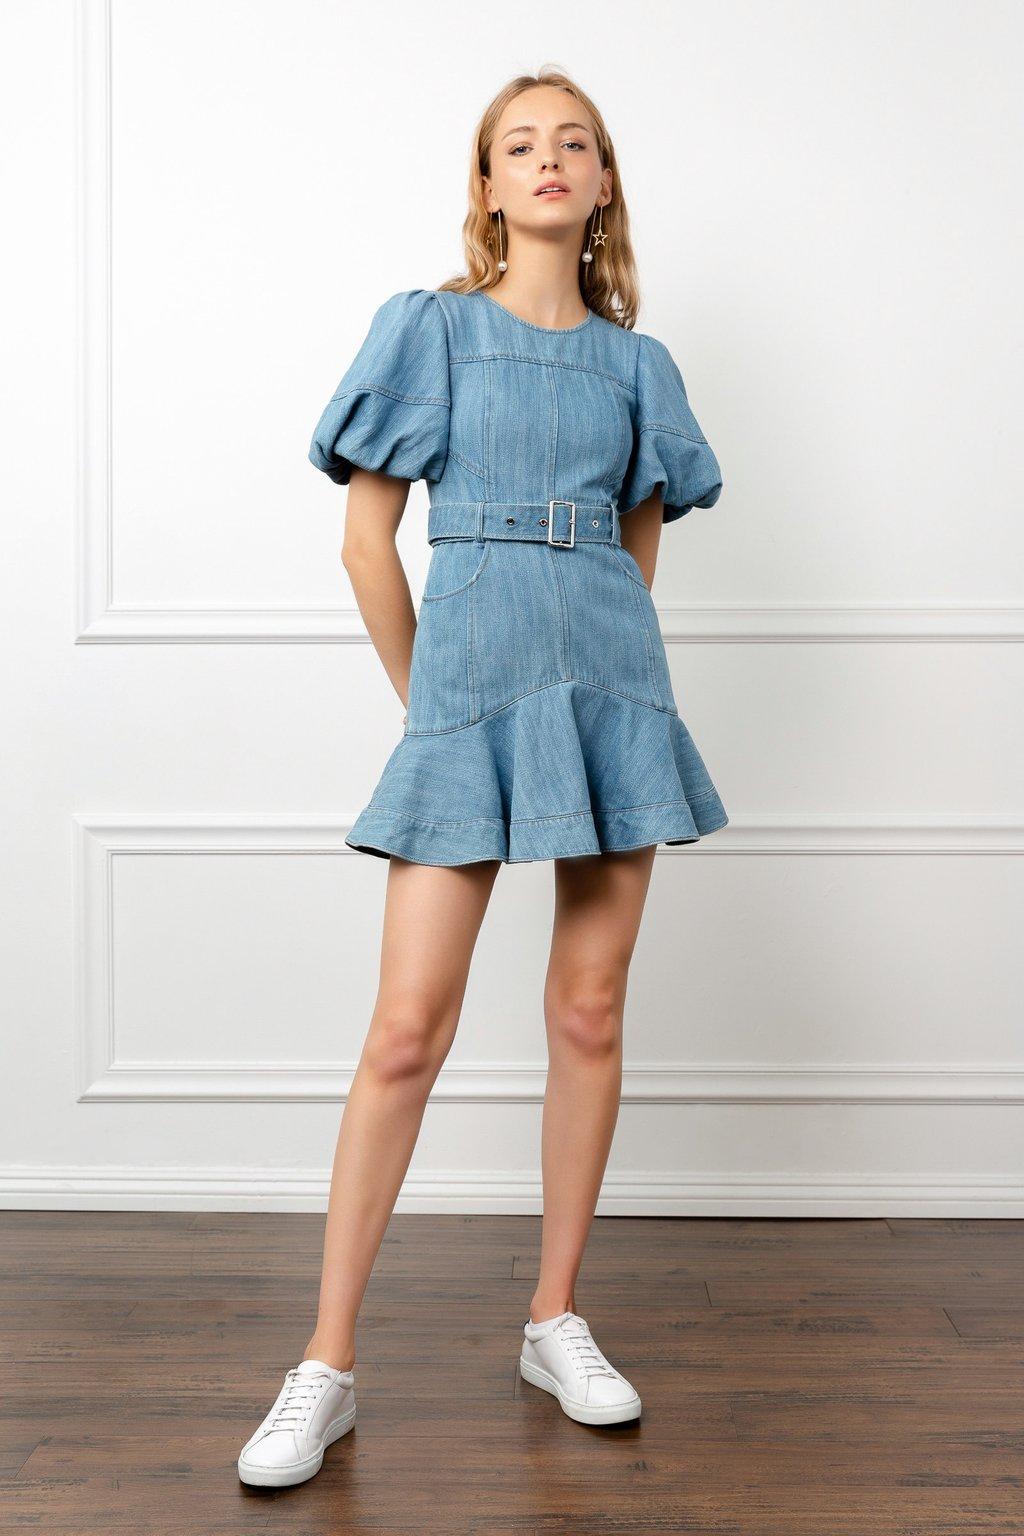 Denim Dolly Dress by J.ING LA women's fashion